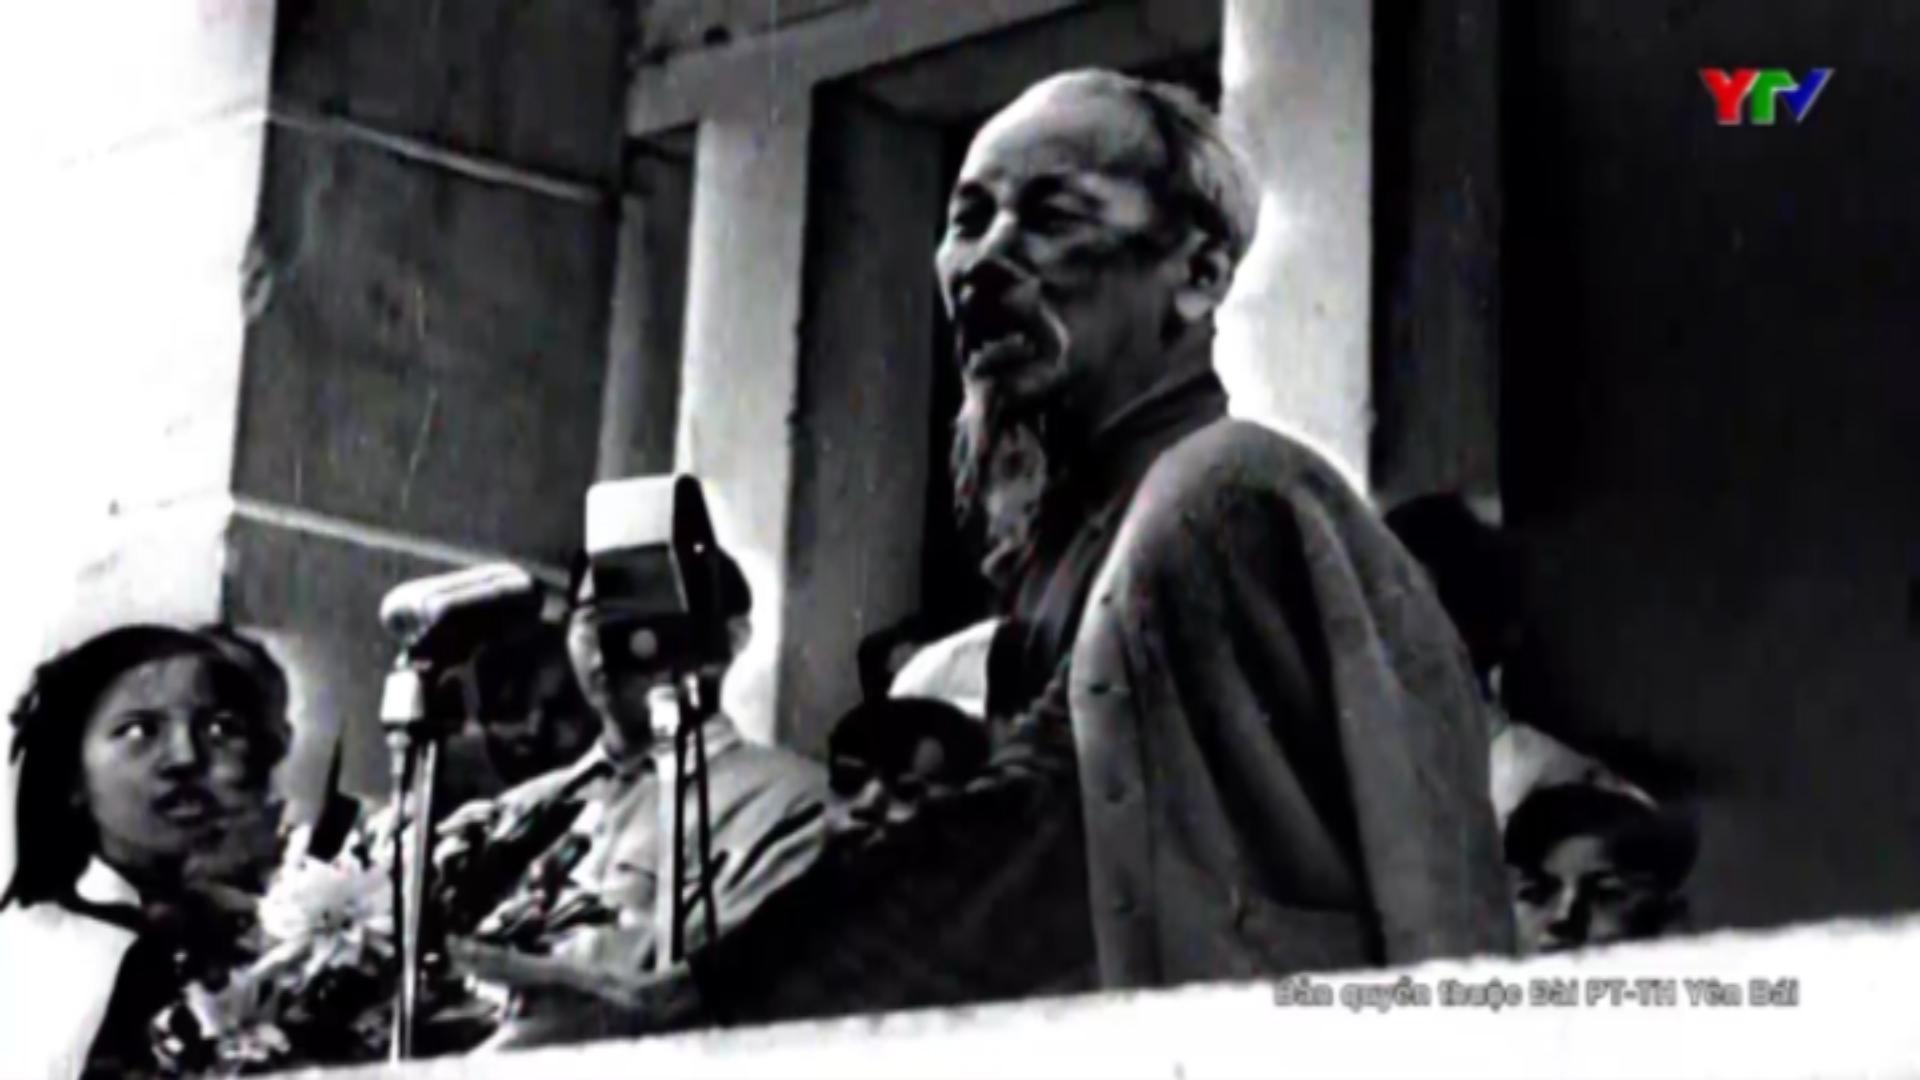 """Giới thiệu bài hát """"Lời Người vọng vang"""" của nhạc sỹ Phạm Khánh Băng"""